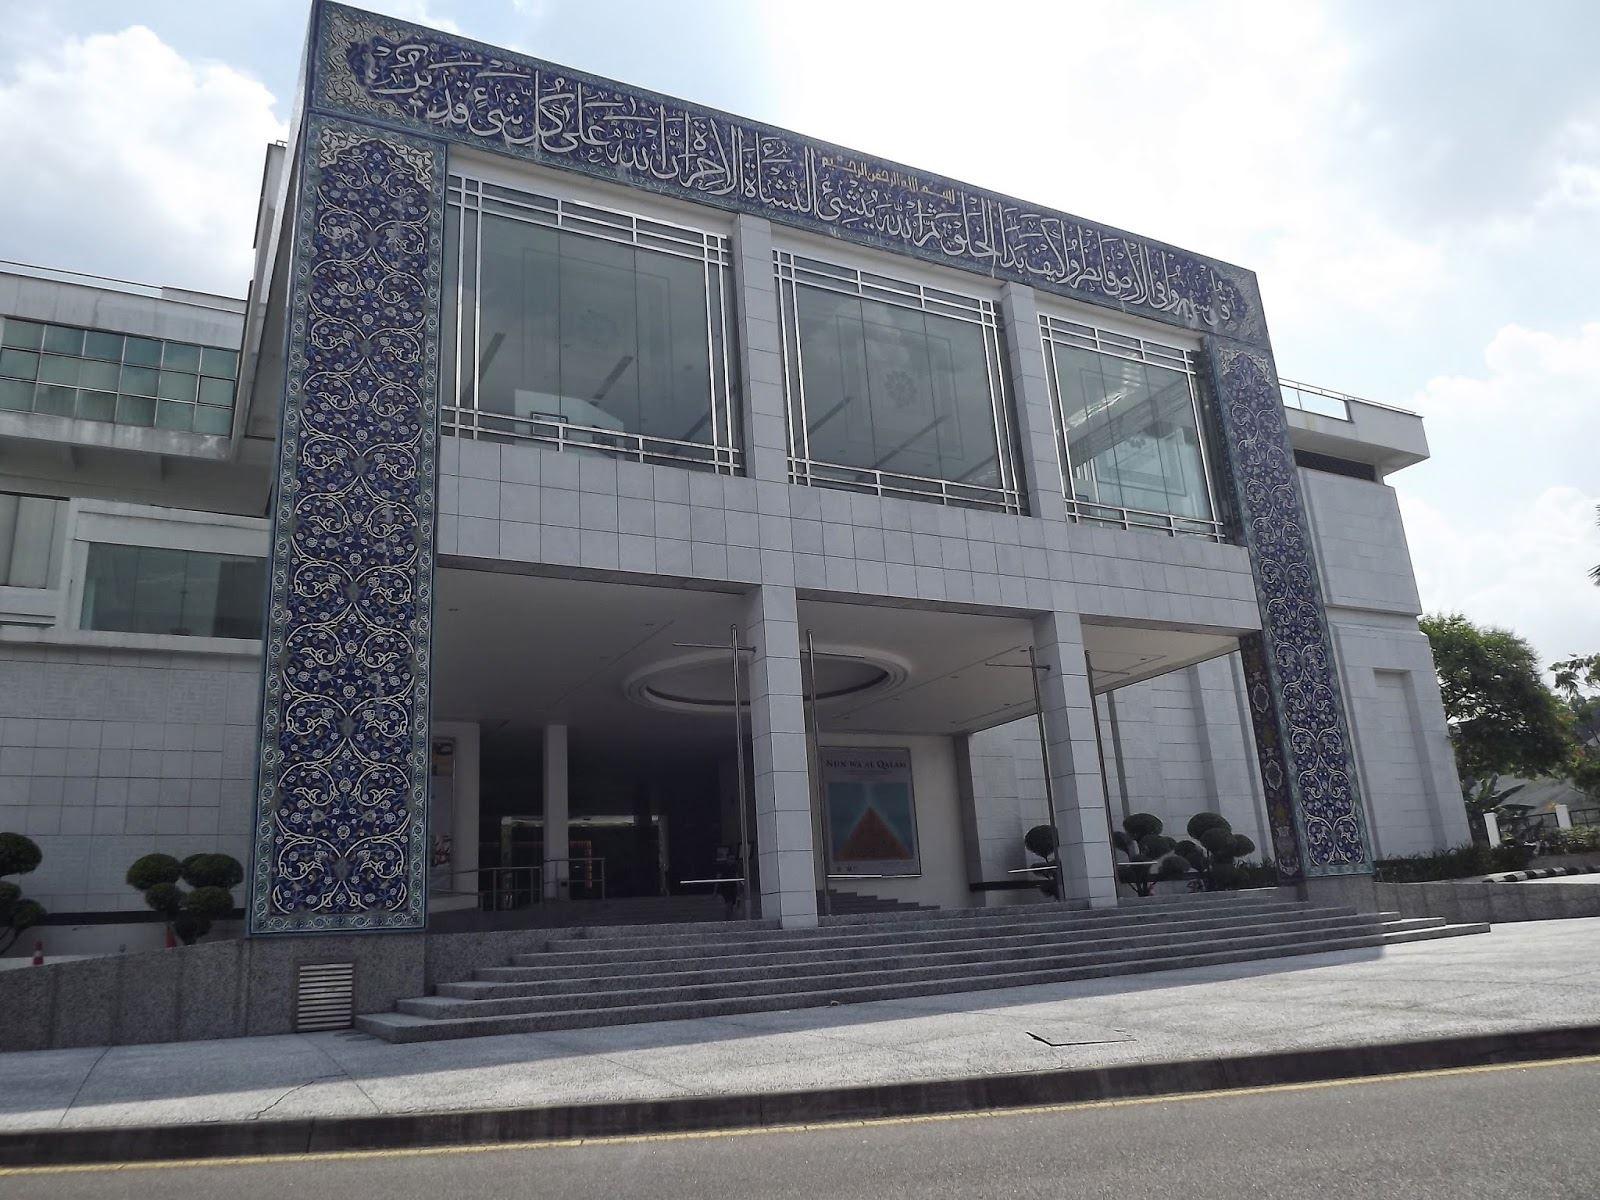 Музей Исламского искусства в Куала-Лумпуре